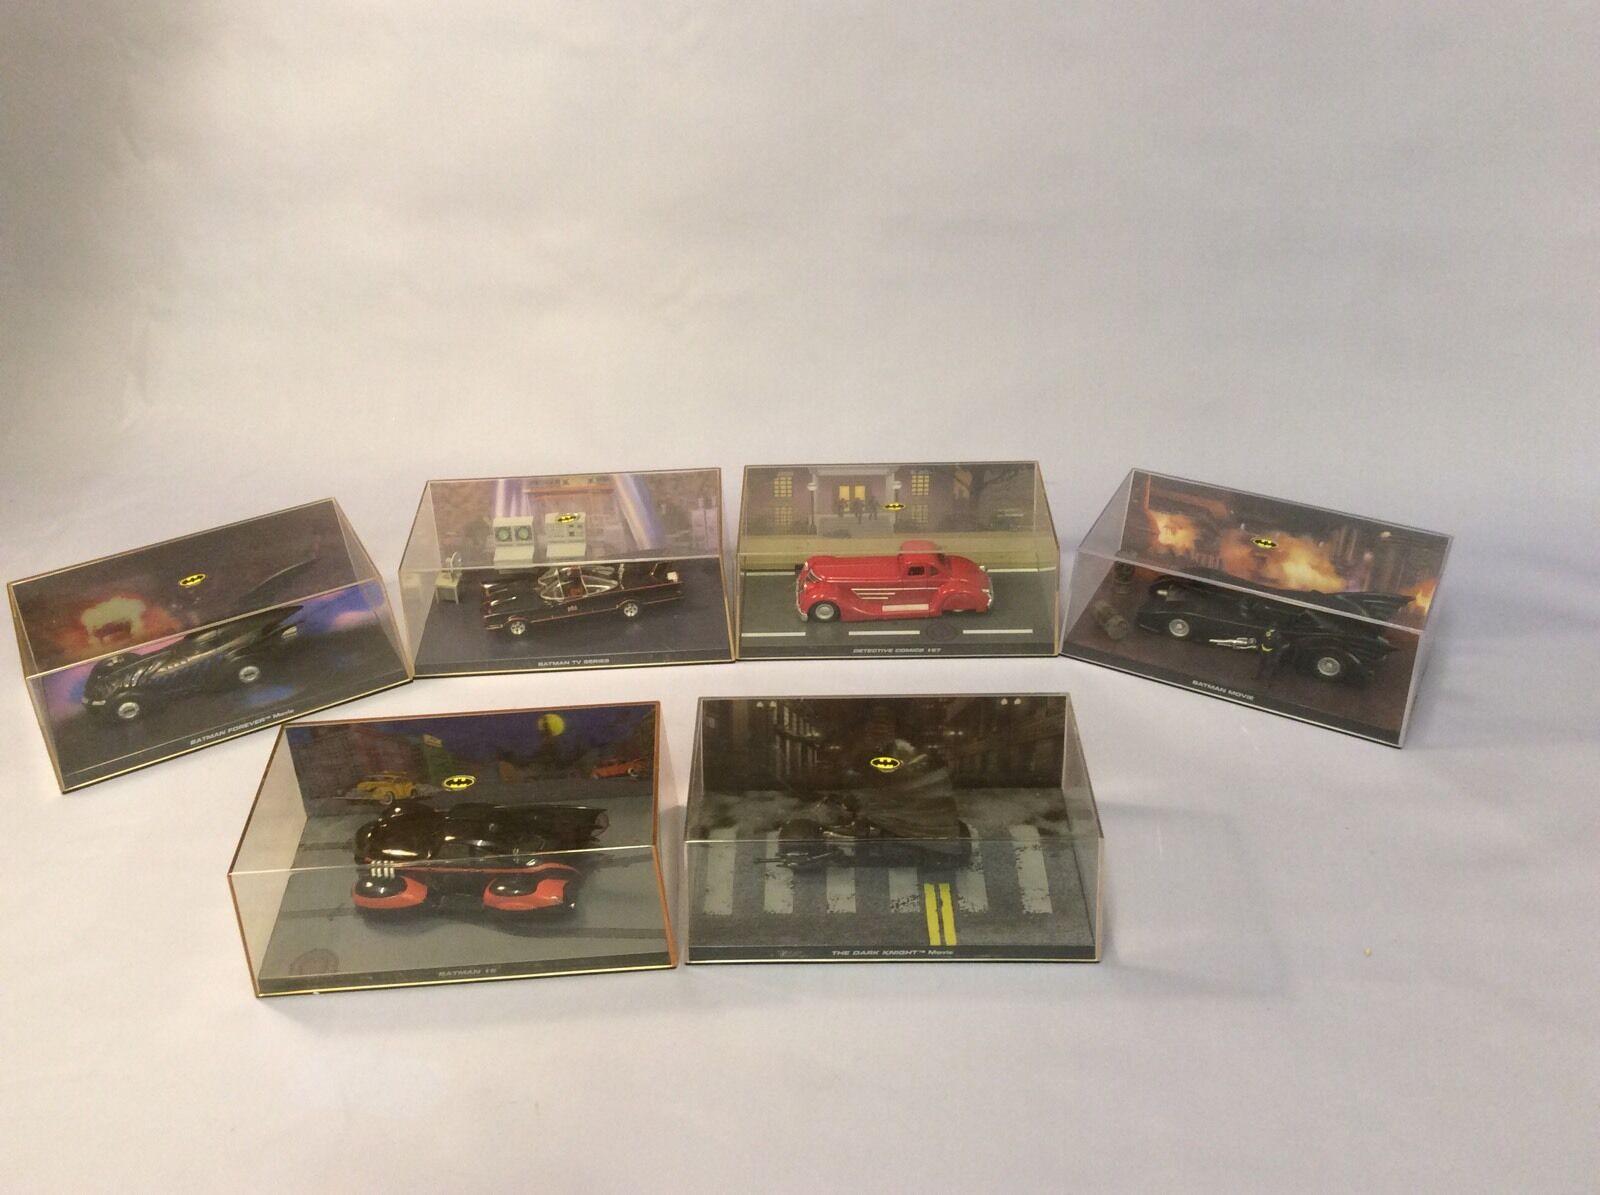 6 x Mixed Batman CAR IN PLASTIC DISPLAY CASE